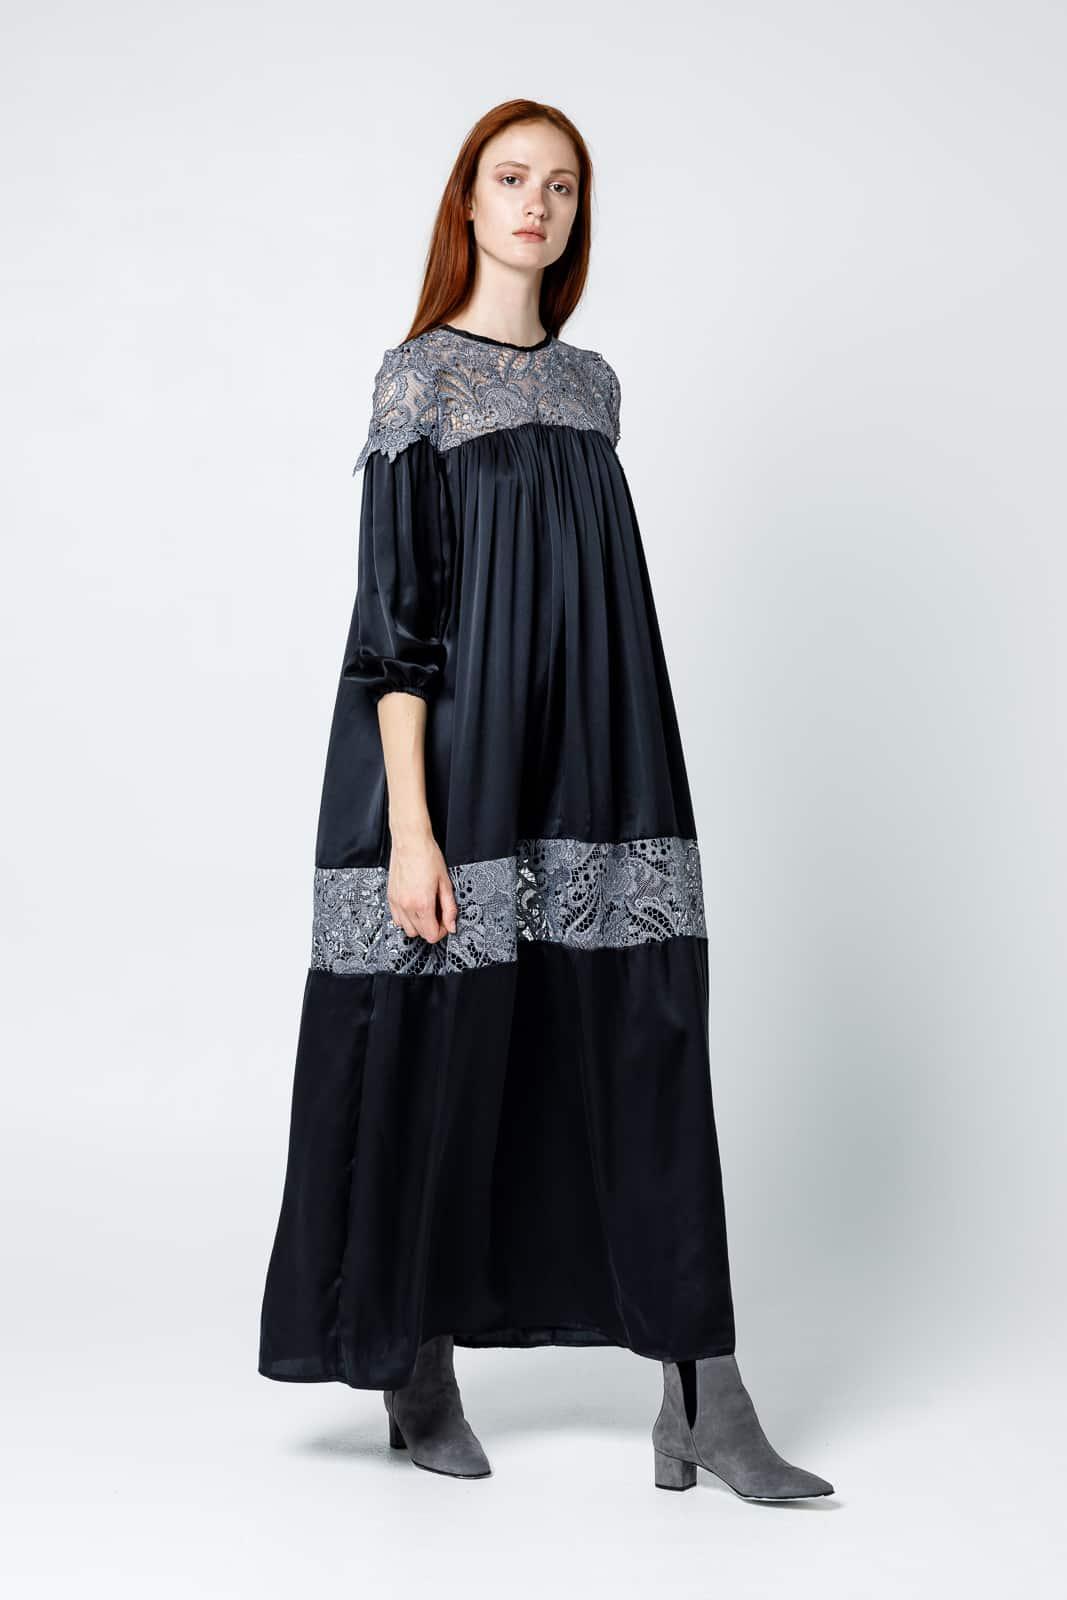 710d49be94 Βρες τα καλύτερα επώνυμα γυναικεία ρούχα online από το ελληνικό ...